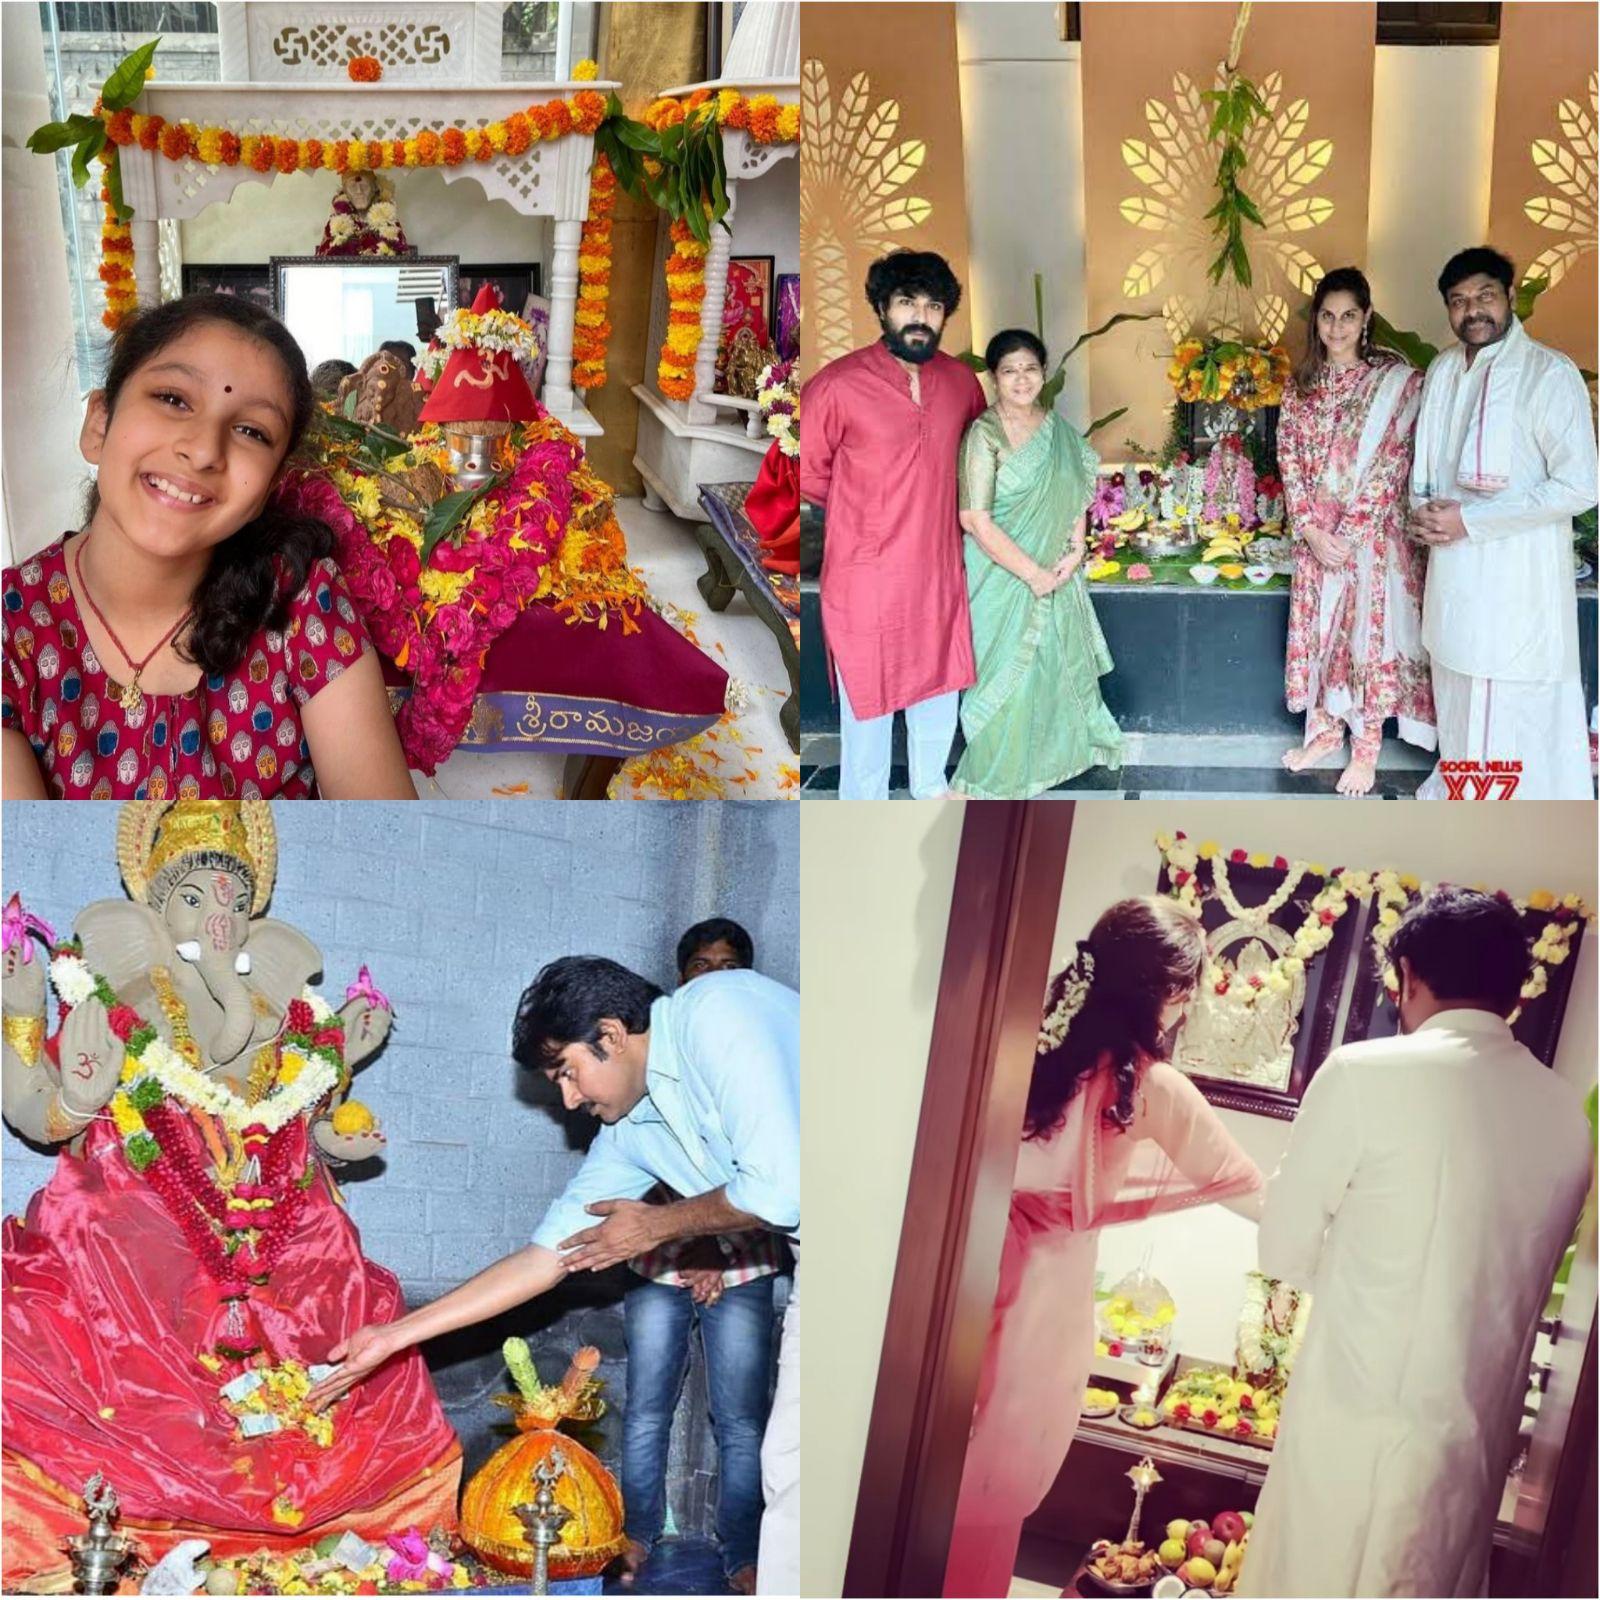 Tollywood celebrates Ganesh Chaturthi